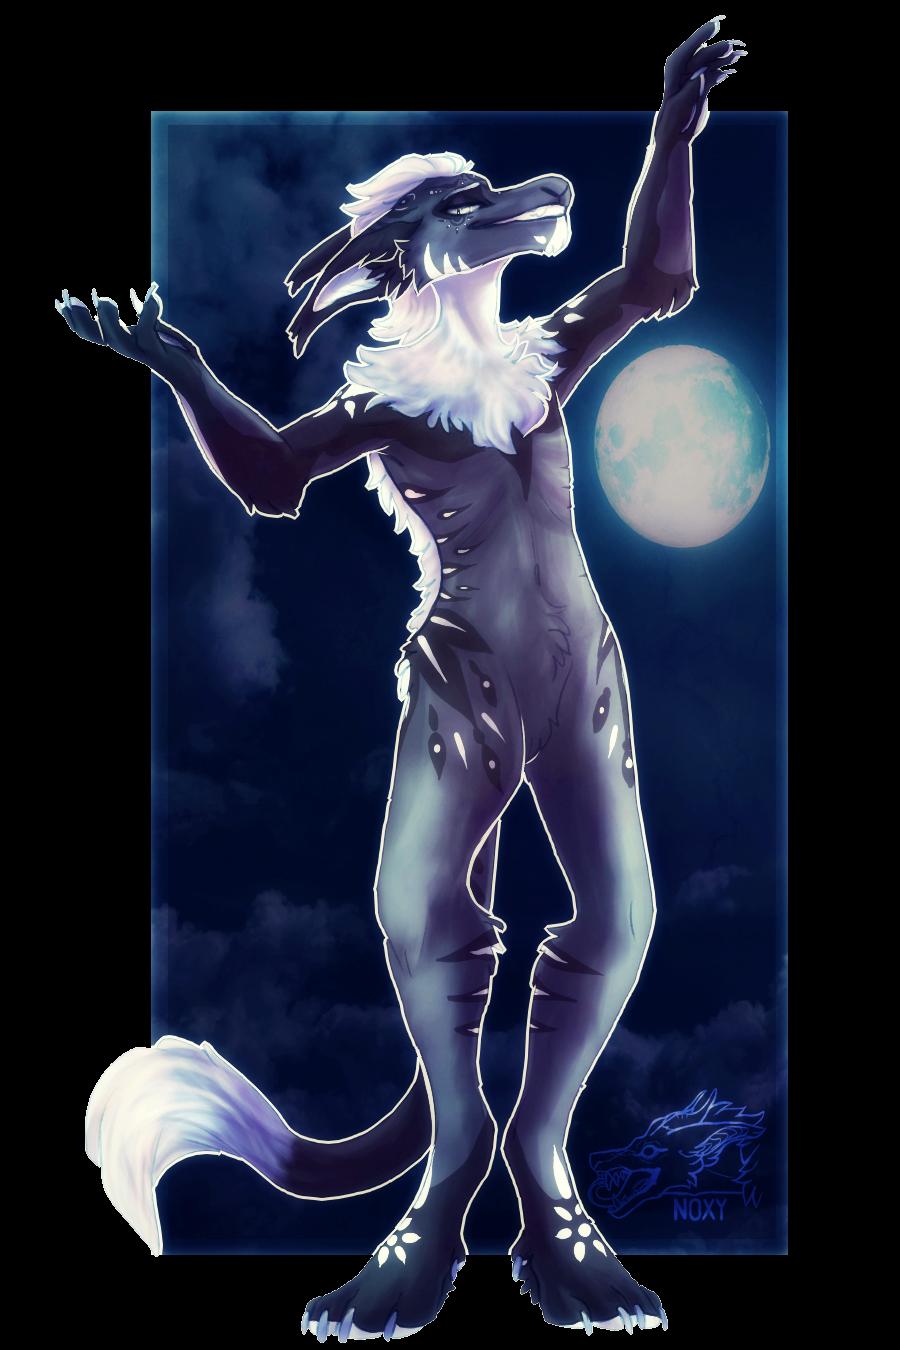 Moondance by N-o-x-y